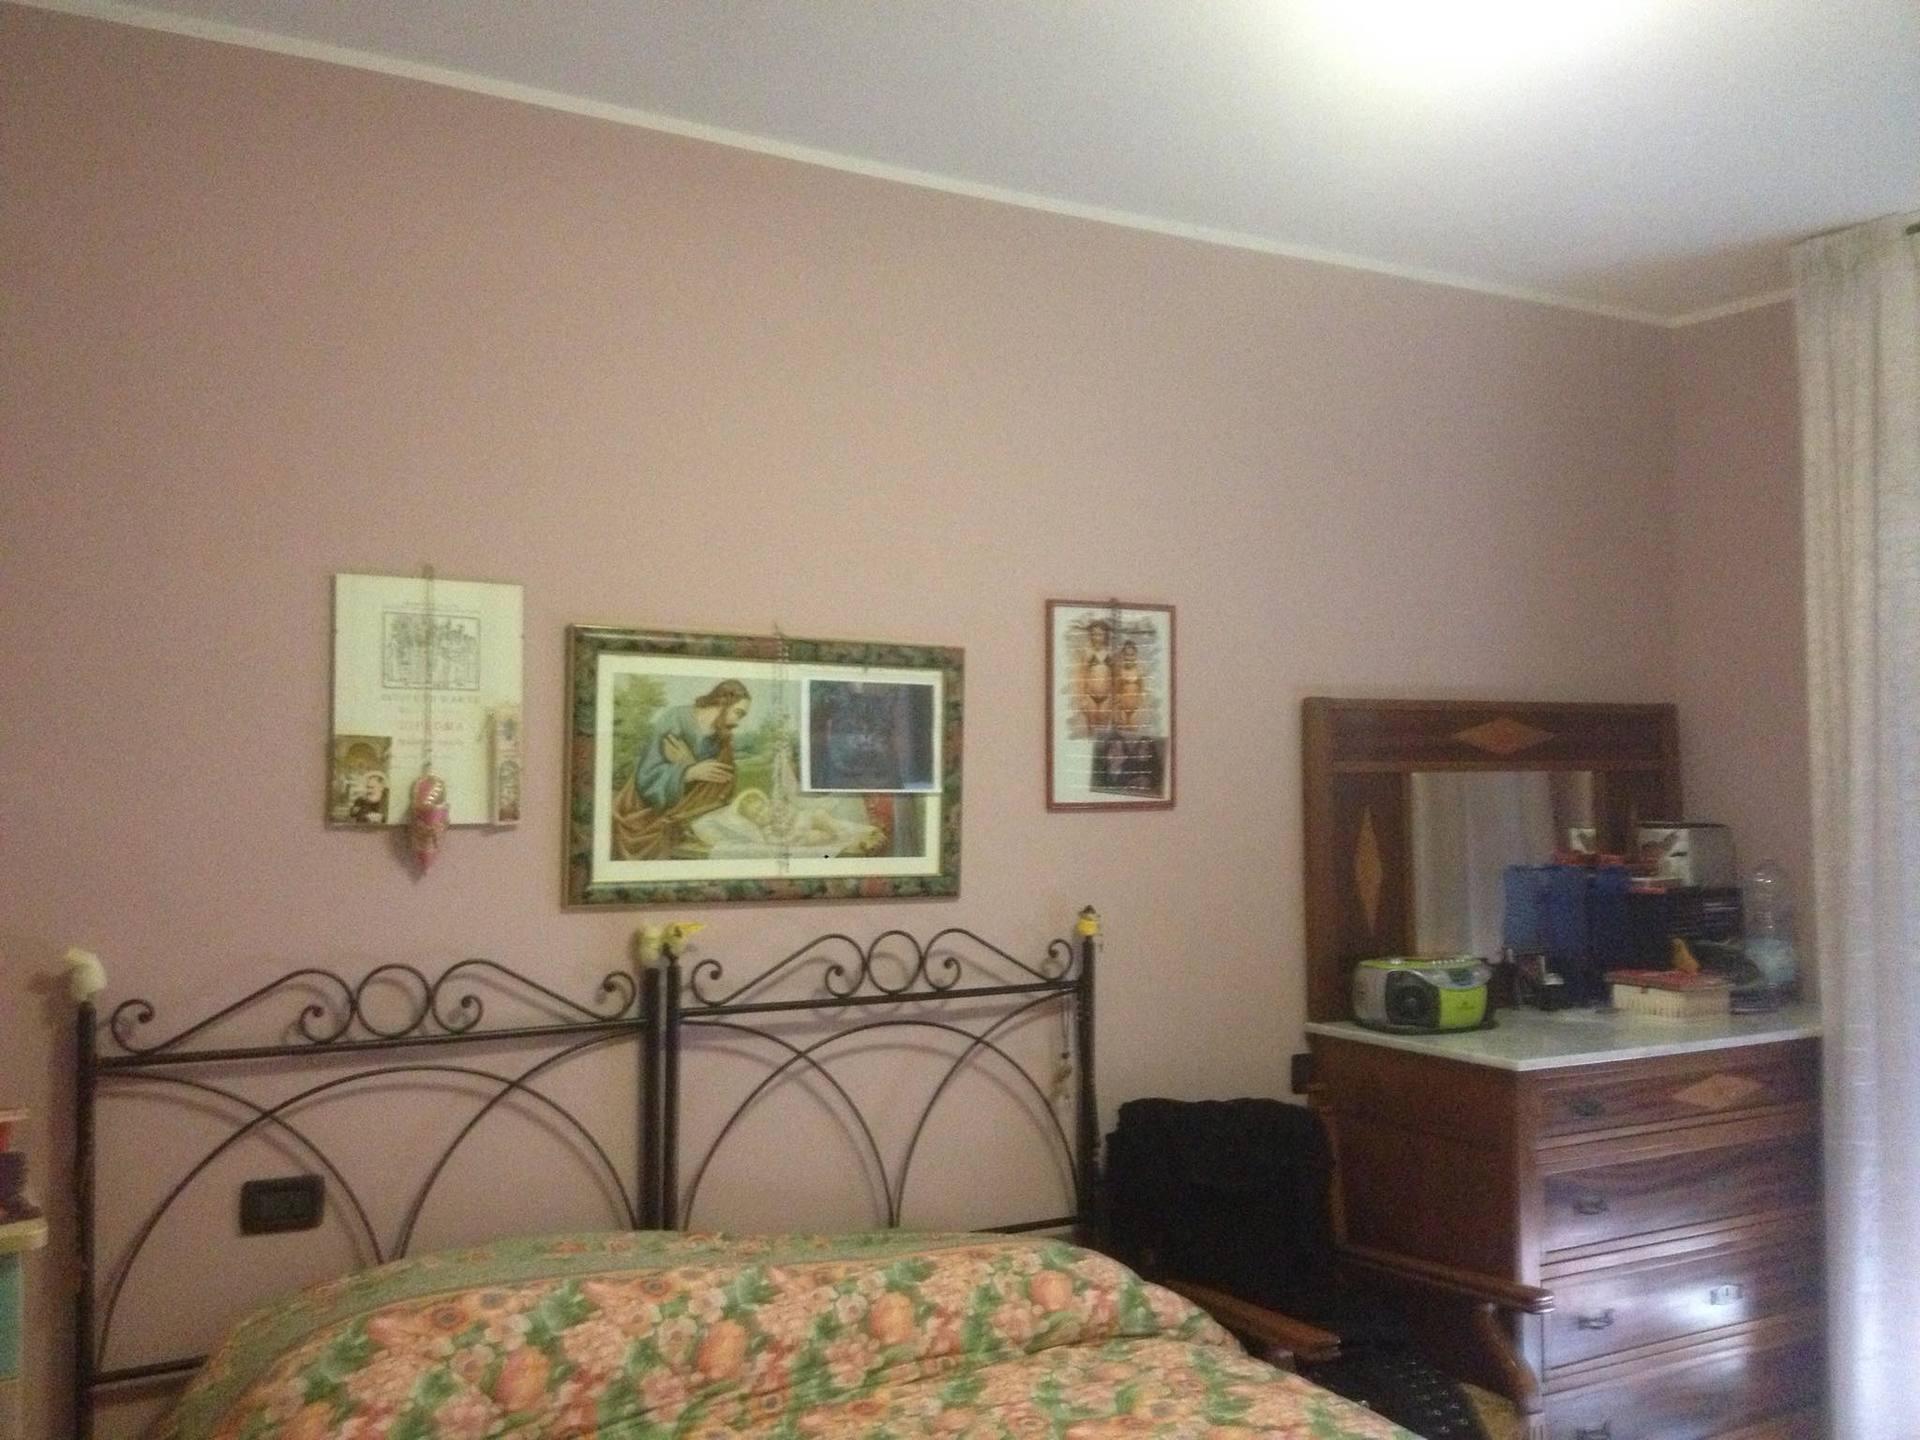 Vista di una stanza dipinta di colore rosa e con tabelle religiosi nelle pareti